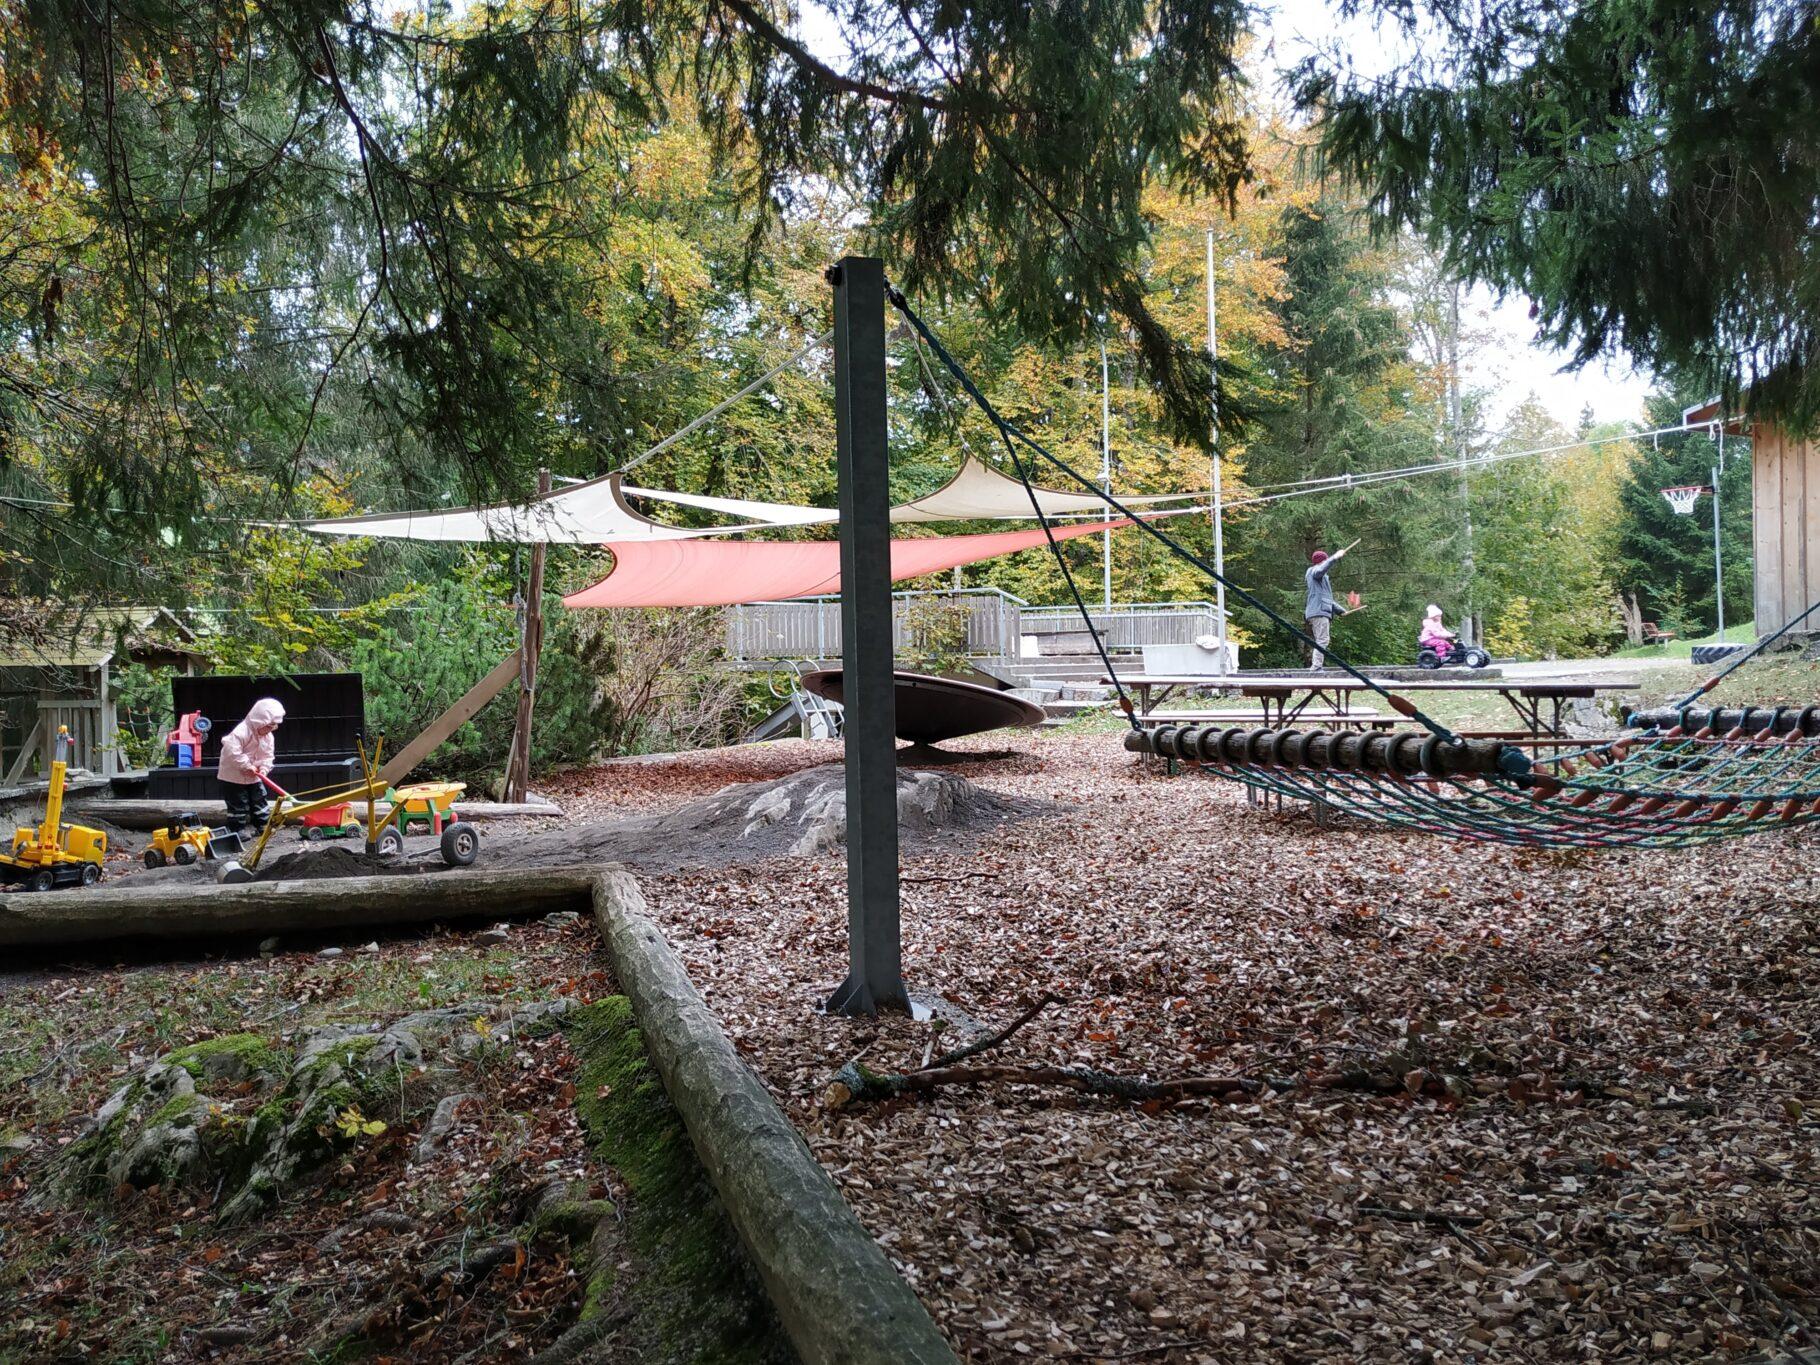 Spielplatztest #7: Eggewäldli Wildhaus